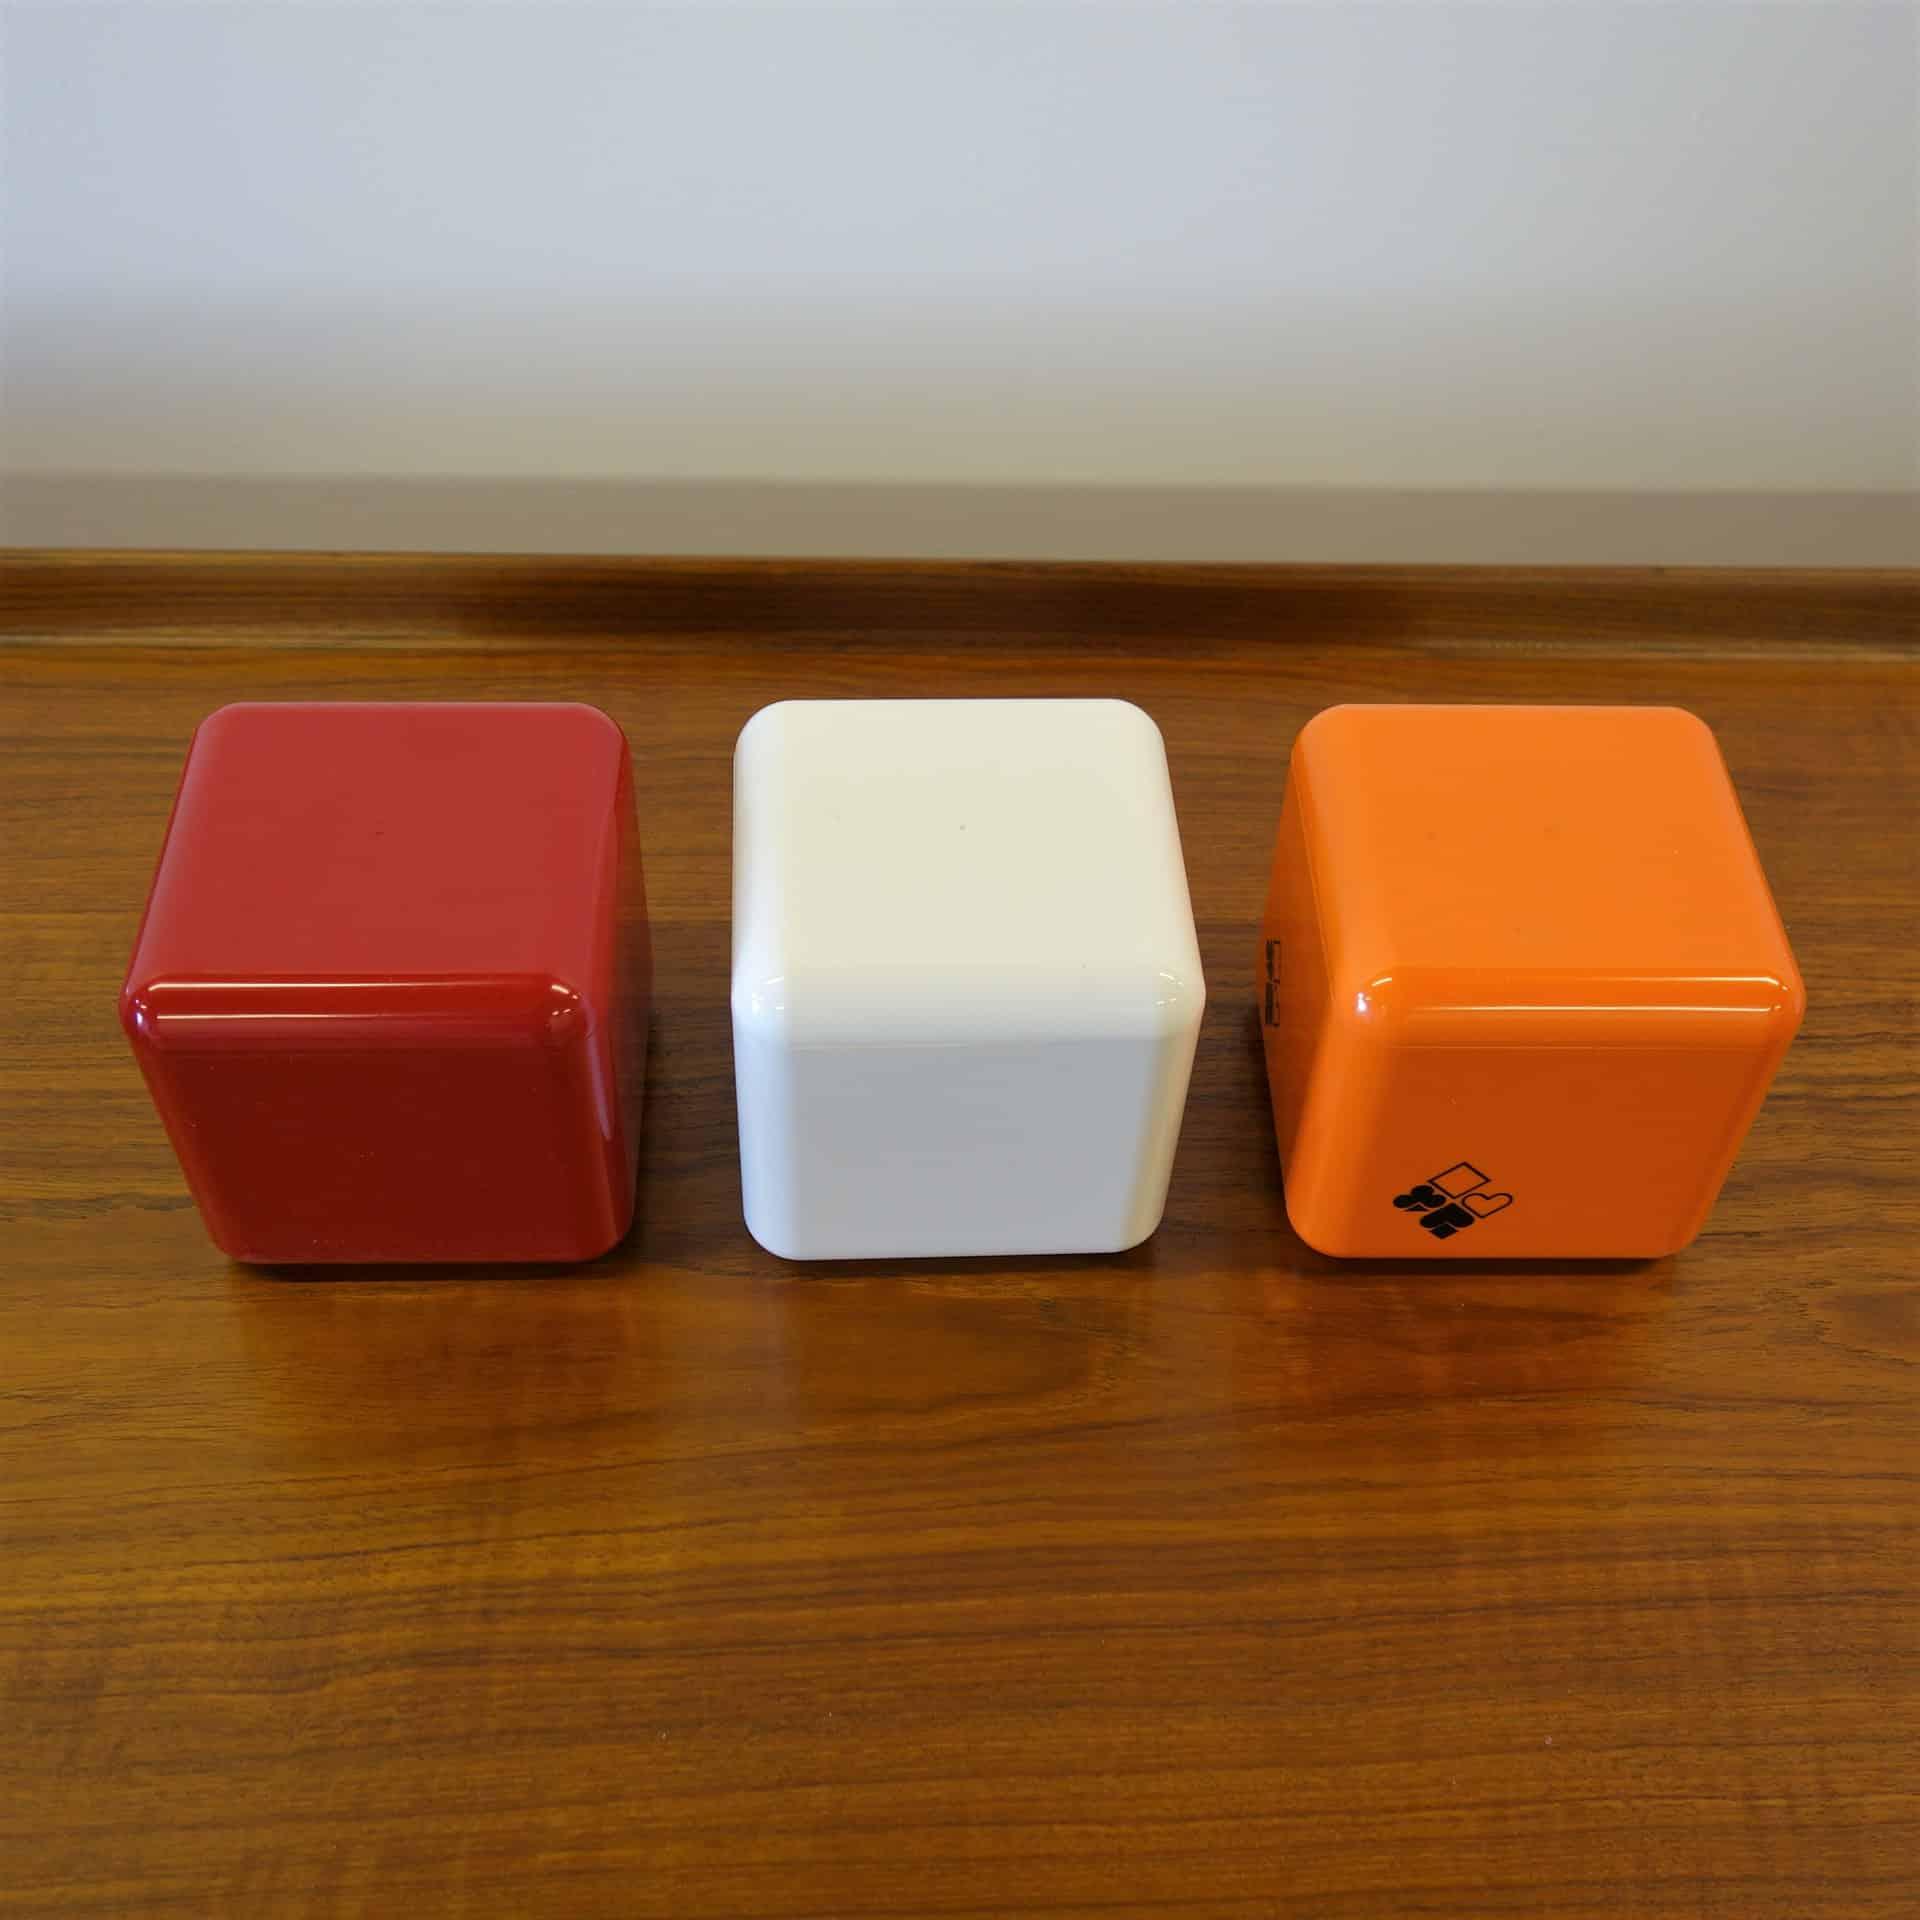 1980s Italian office toys